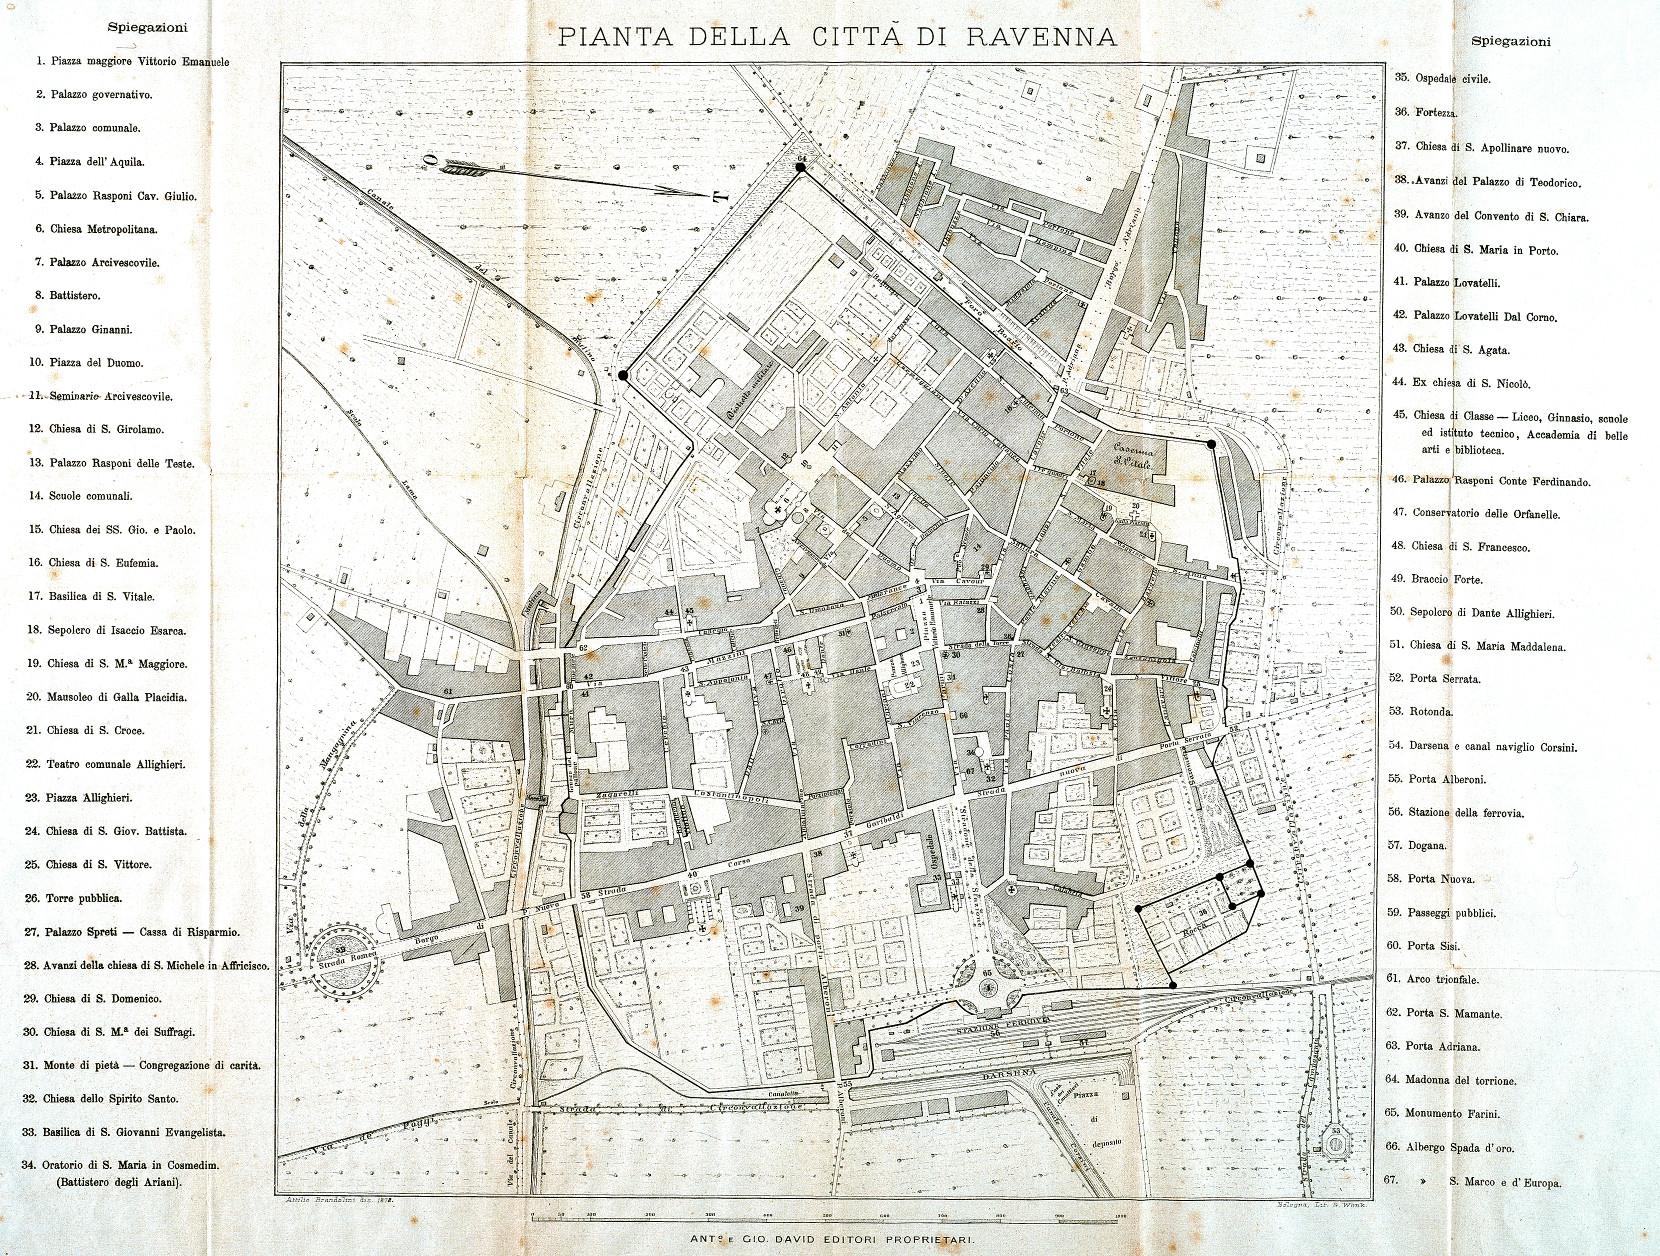 Pianta della città di Ravenna autore: Antonio Brandolini data: 1878 dimensioni: 42,5x55,5 contenuta in: G. Ricci, Ravenna e i suoi dintorni, Ravenna 1878